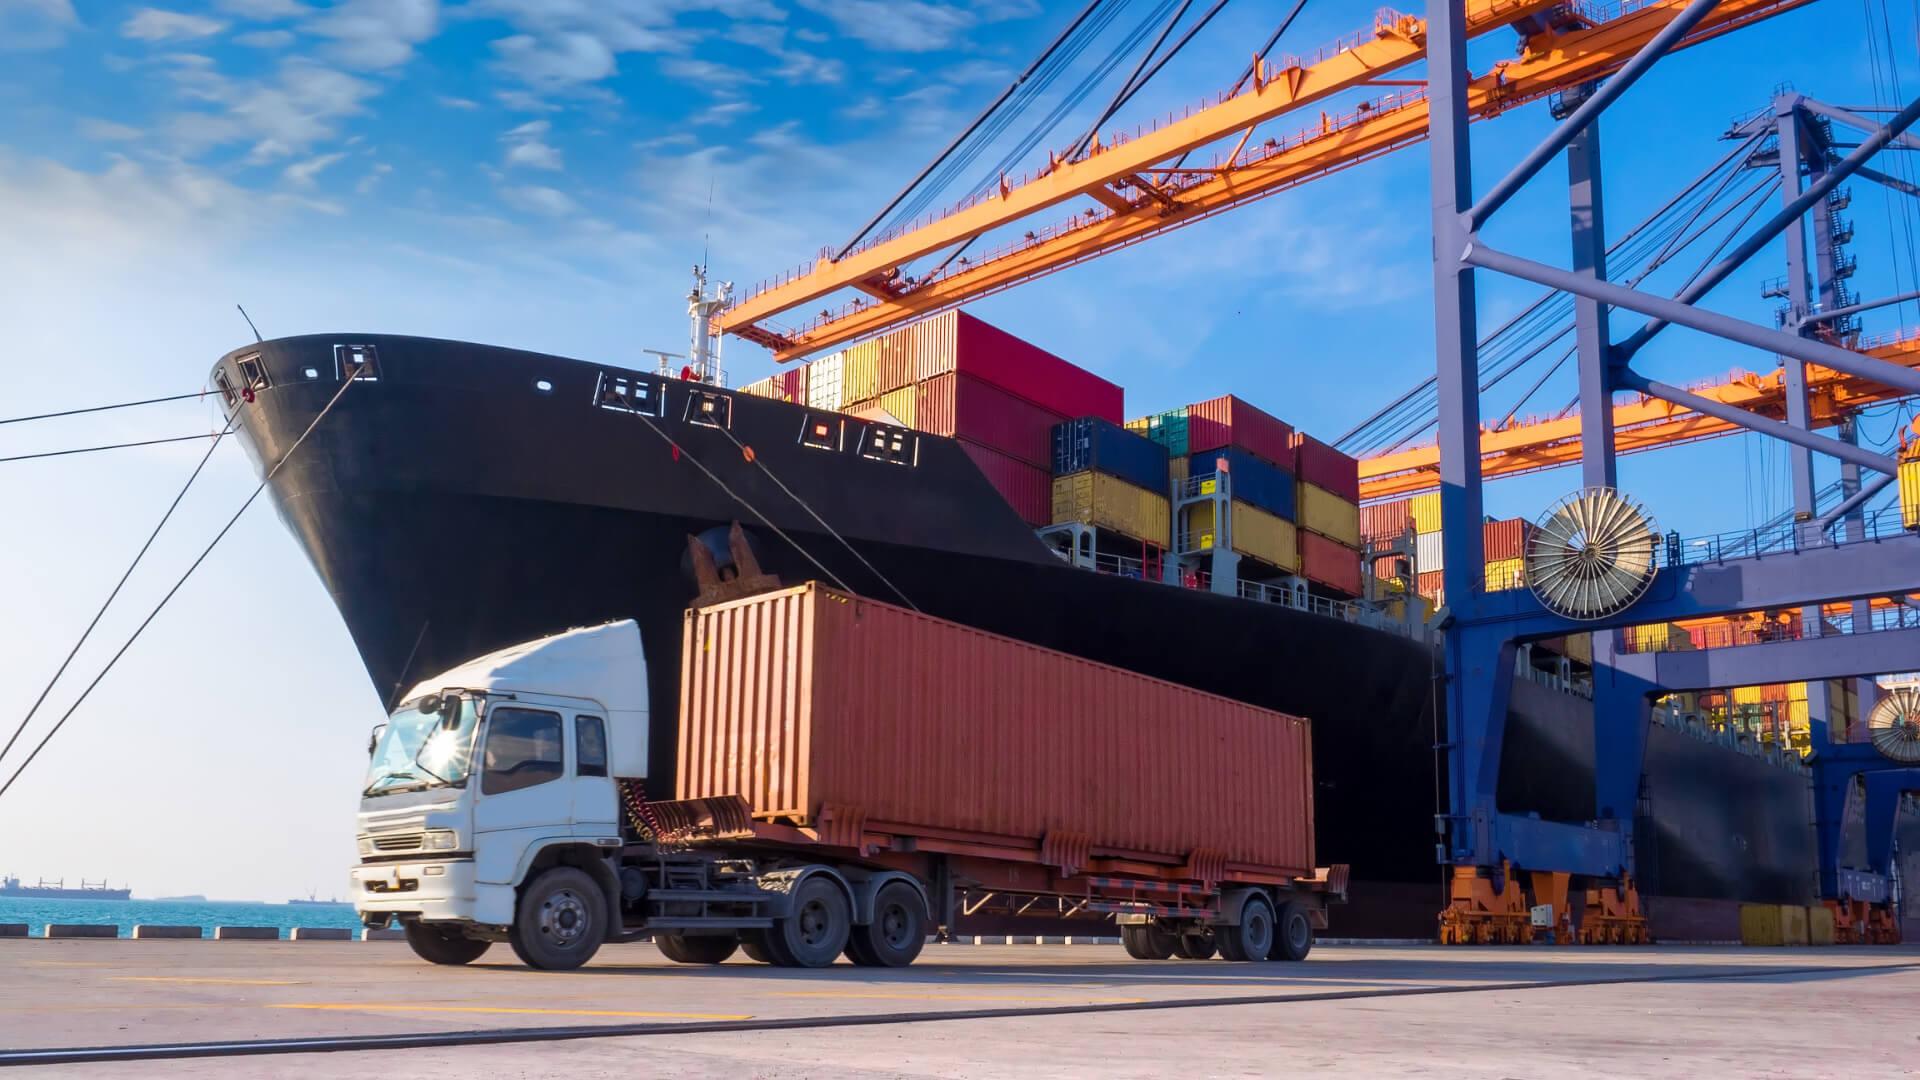 De Rijke Logistics - Transportation truck boat harbor.jpg